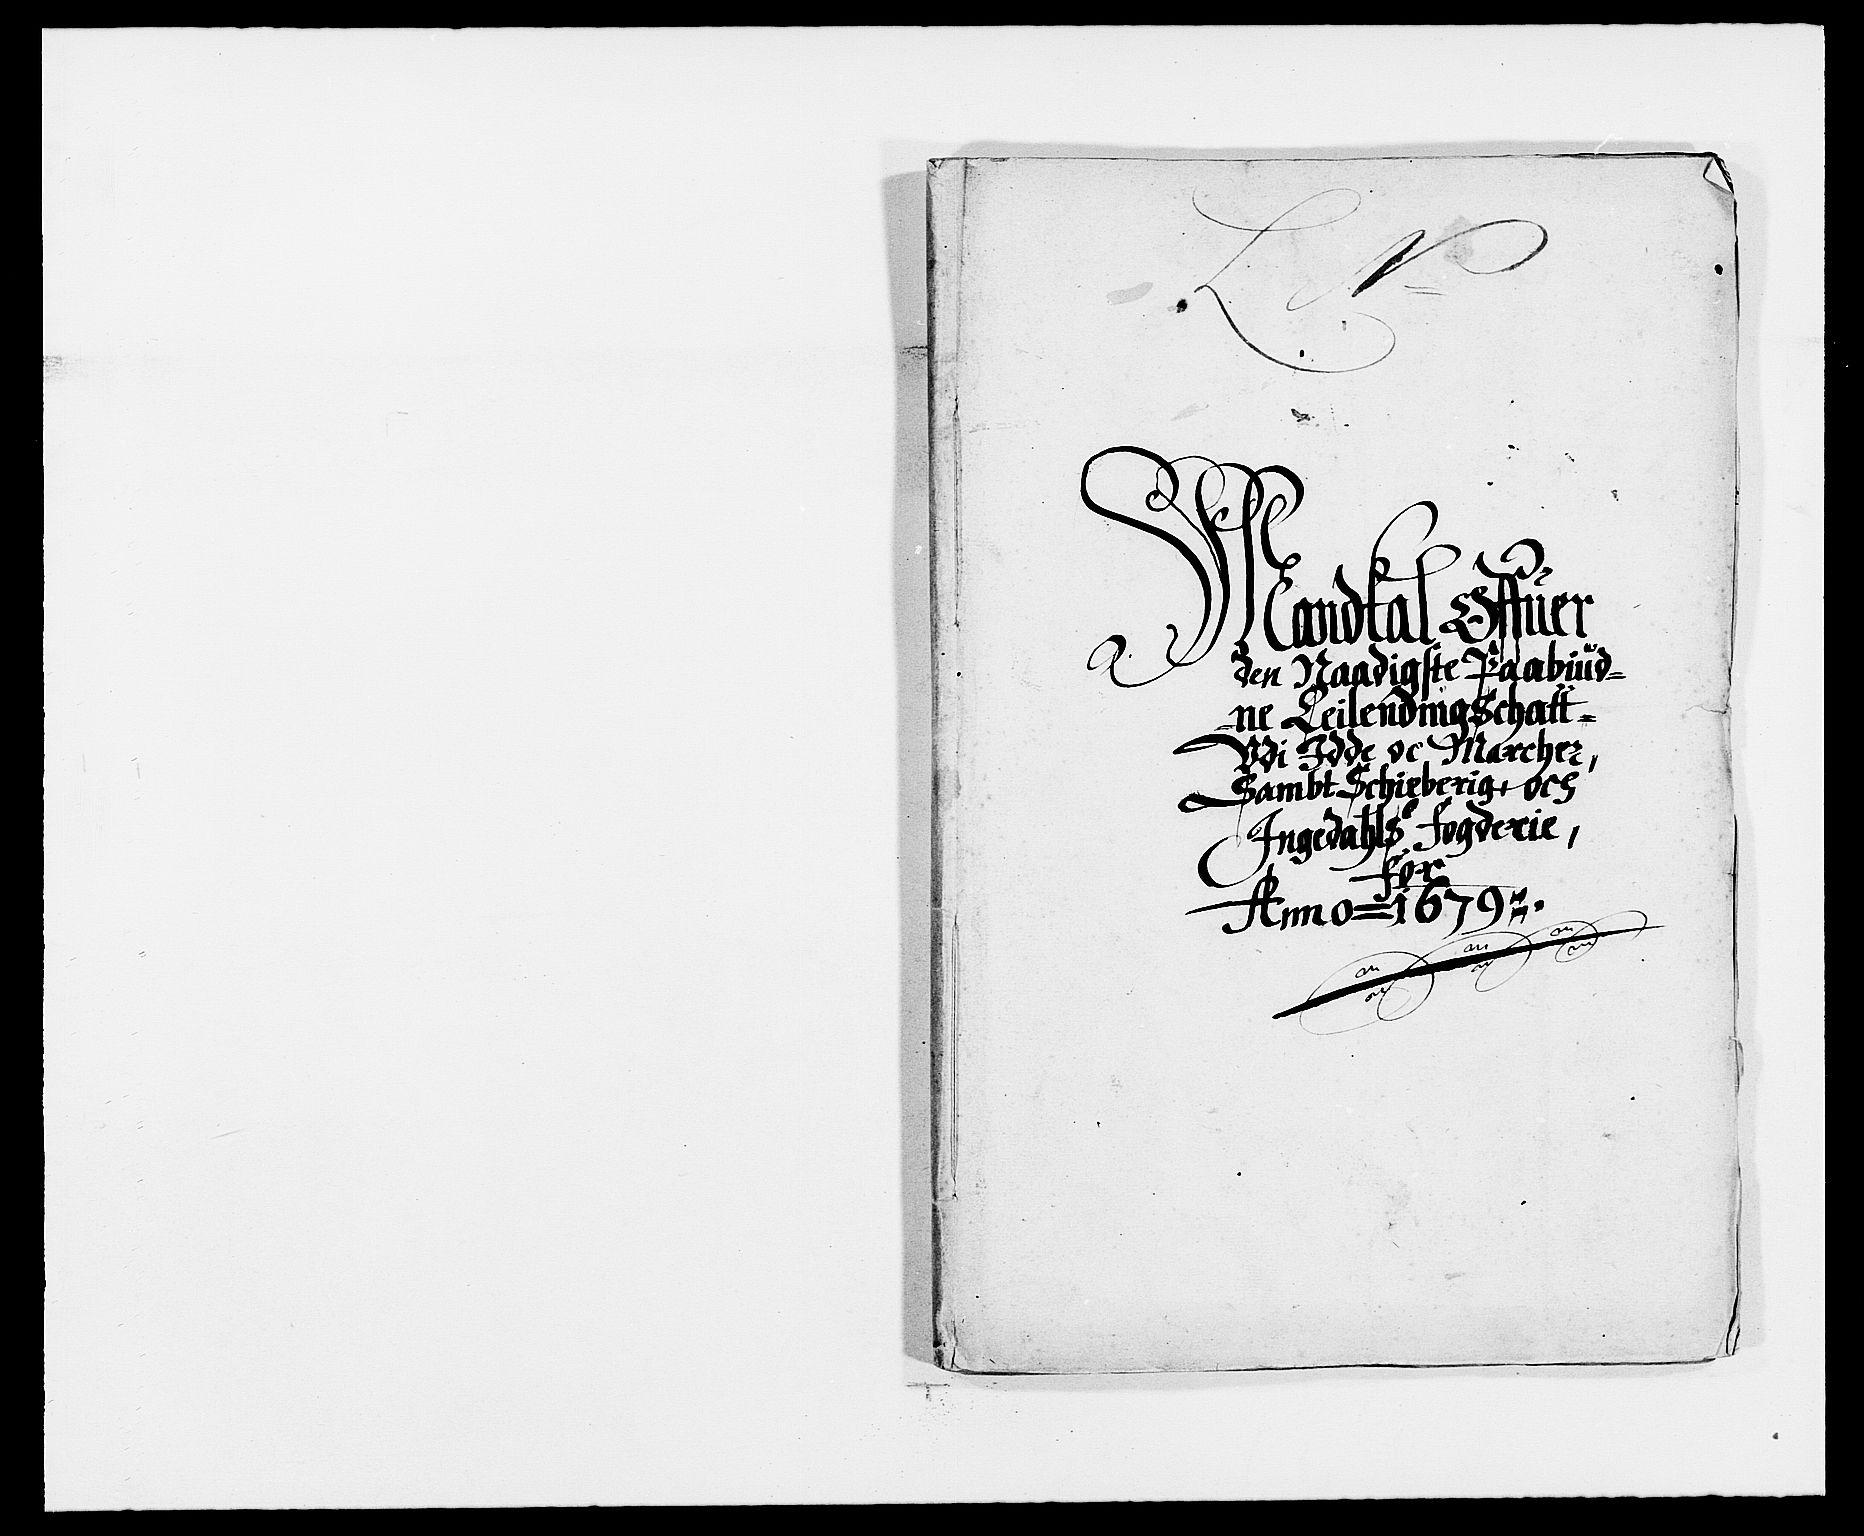 RA, Rentekammeret inntil 1814, Reviderte regnskaper, Fogderegnskap, R01/L0001: Fogderegnskap Idd og Marker, 1678-1679, s. 312